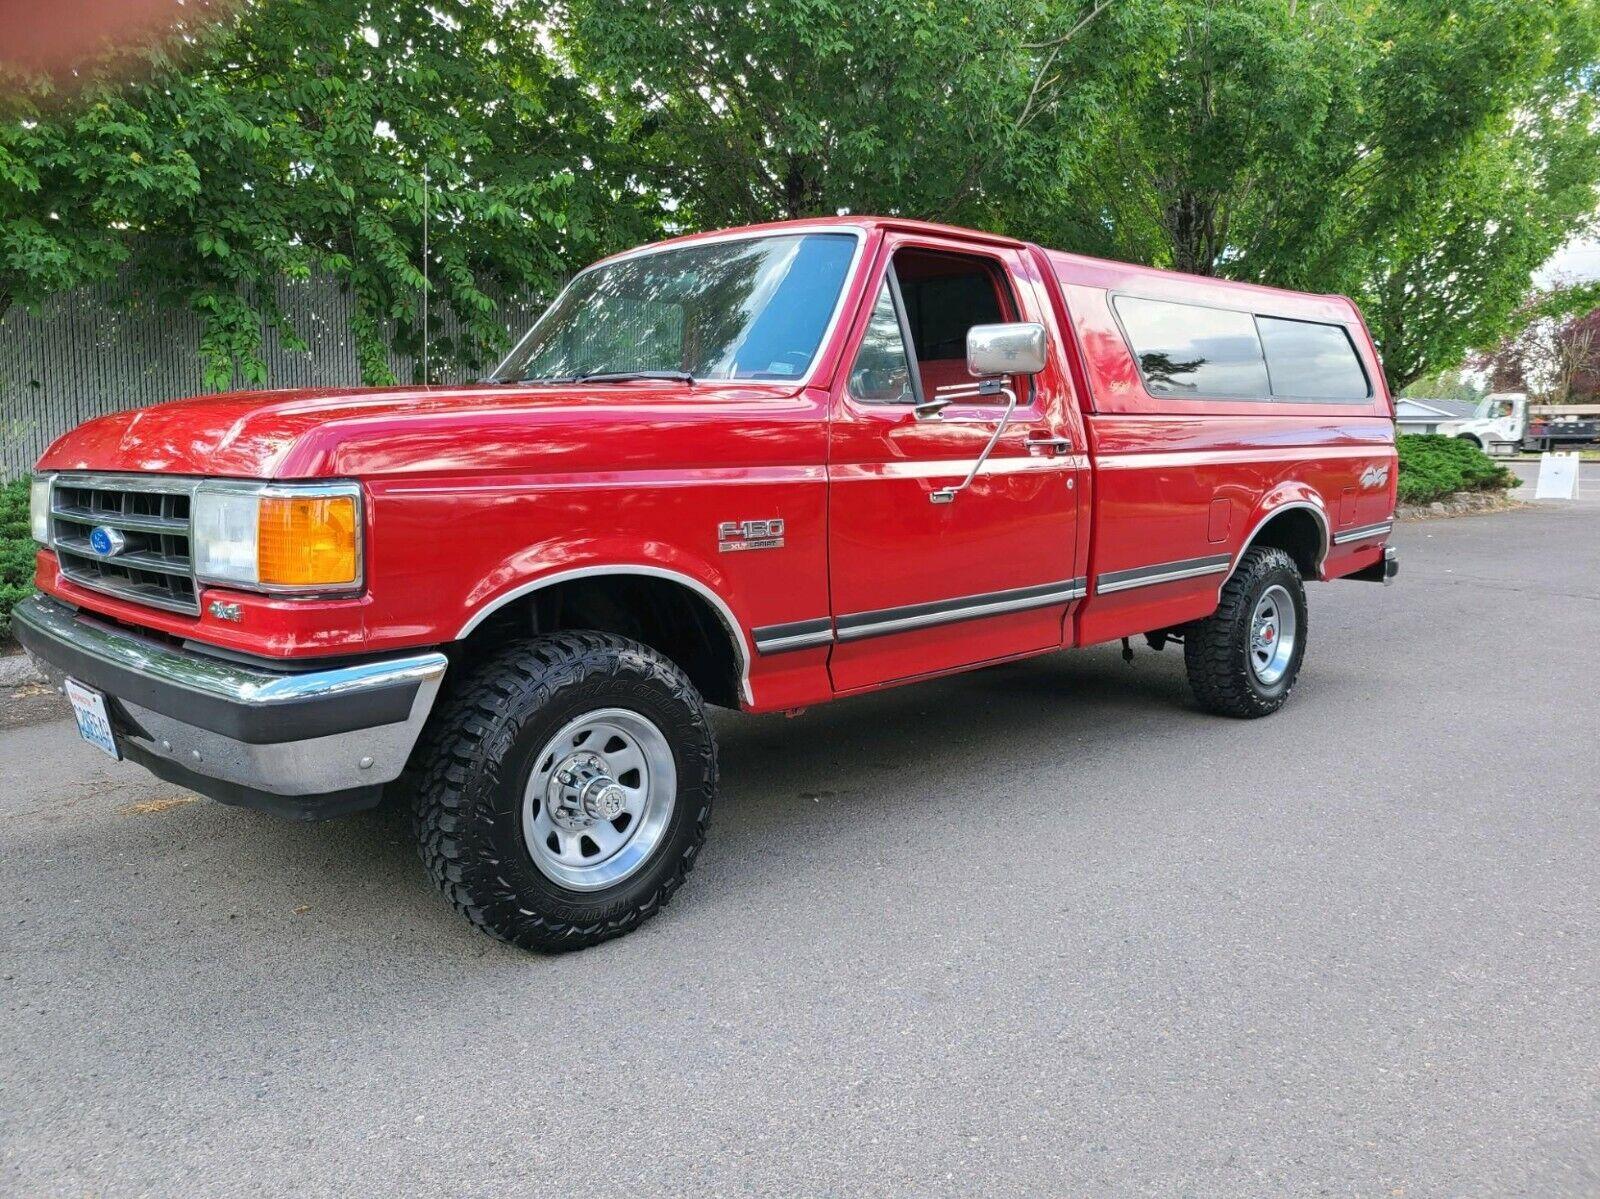 1991 Ford F-150 Standard Cab 8FT Long Bed V8 5.4L Engine